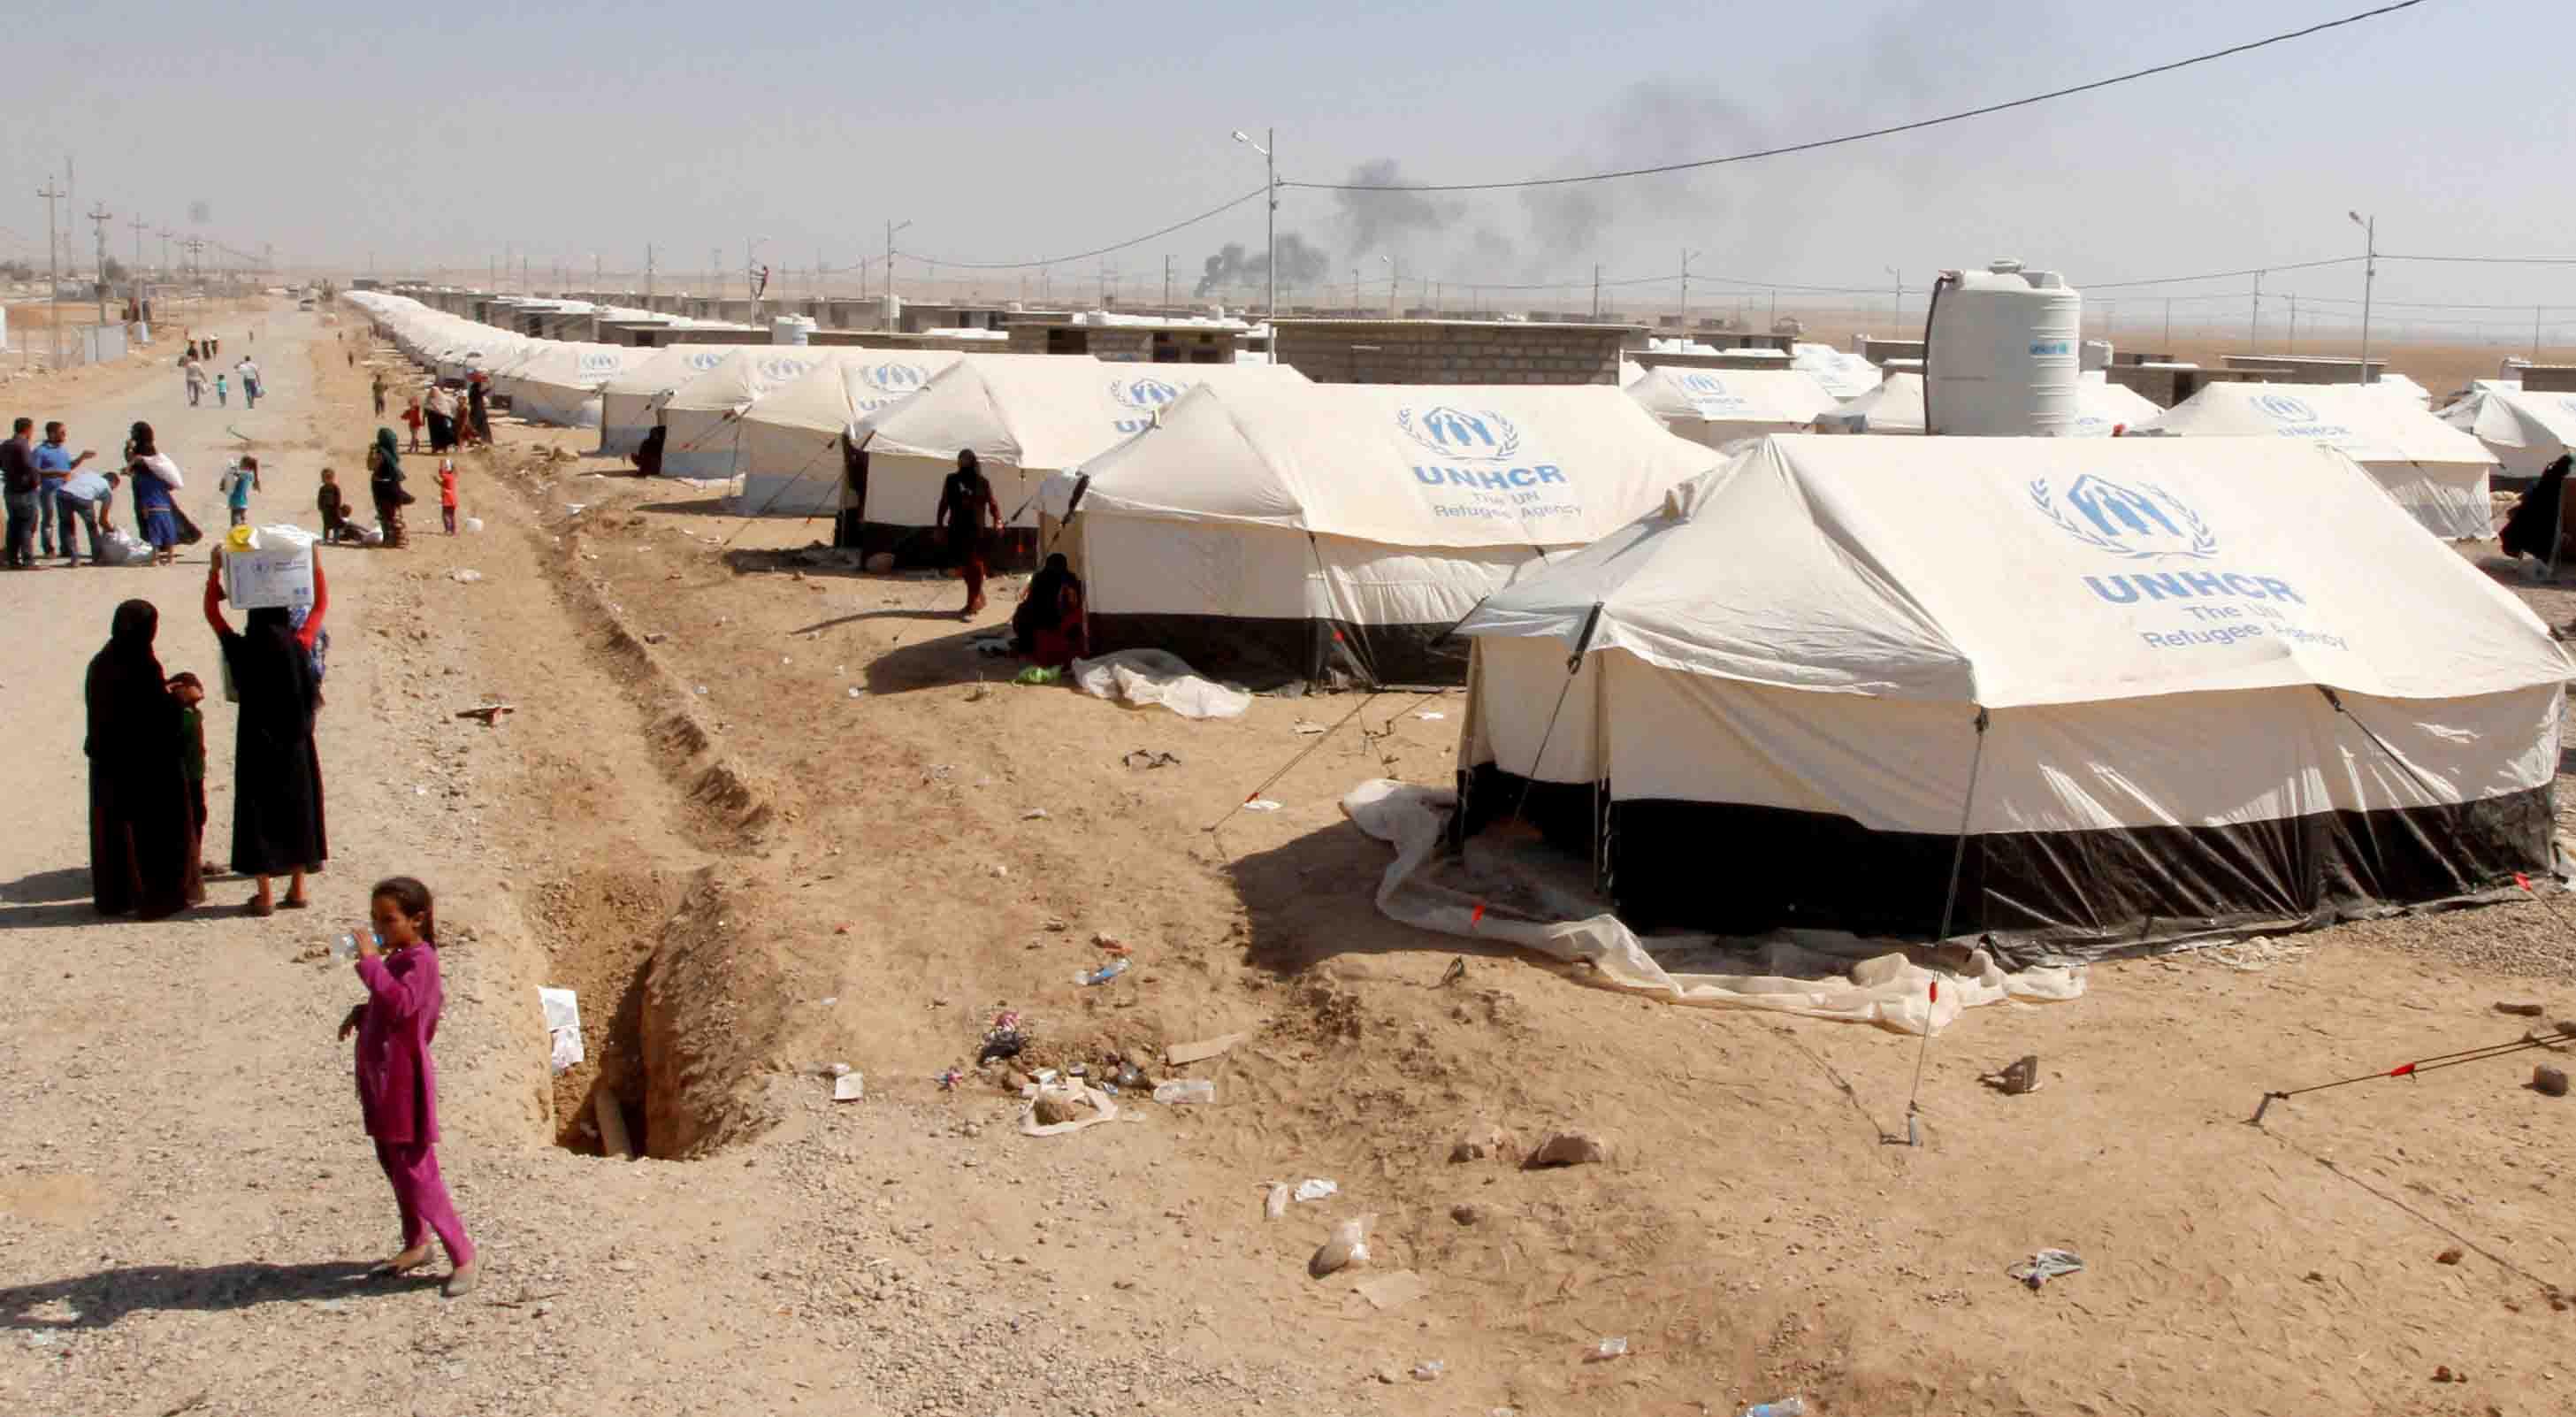 El gobierno iraquí se reunirá con algunos socios para hablar sobre el futuro de la zona afectada por los ataques entre el EI y el Ejército